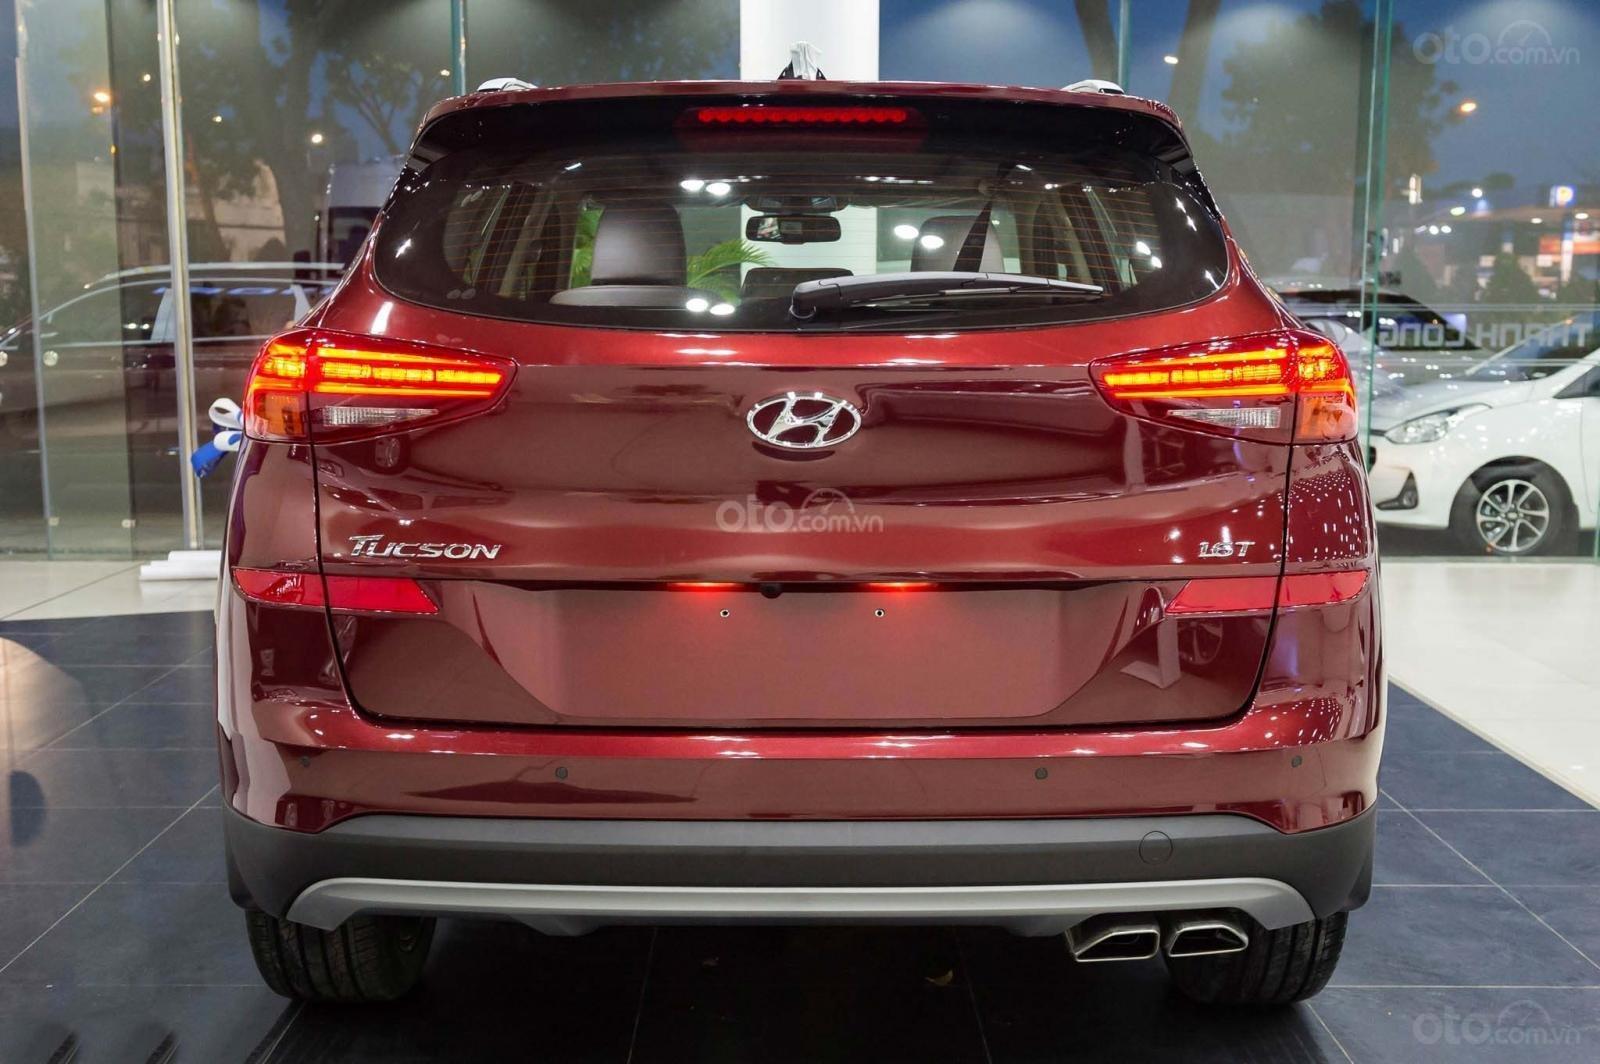 Hyundai Tucson Facelip 2019, chương trình khuyến mãi lên đến 15 triệu. LH ngay 09.387.383.06 (7)